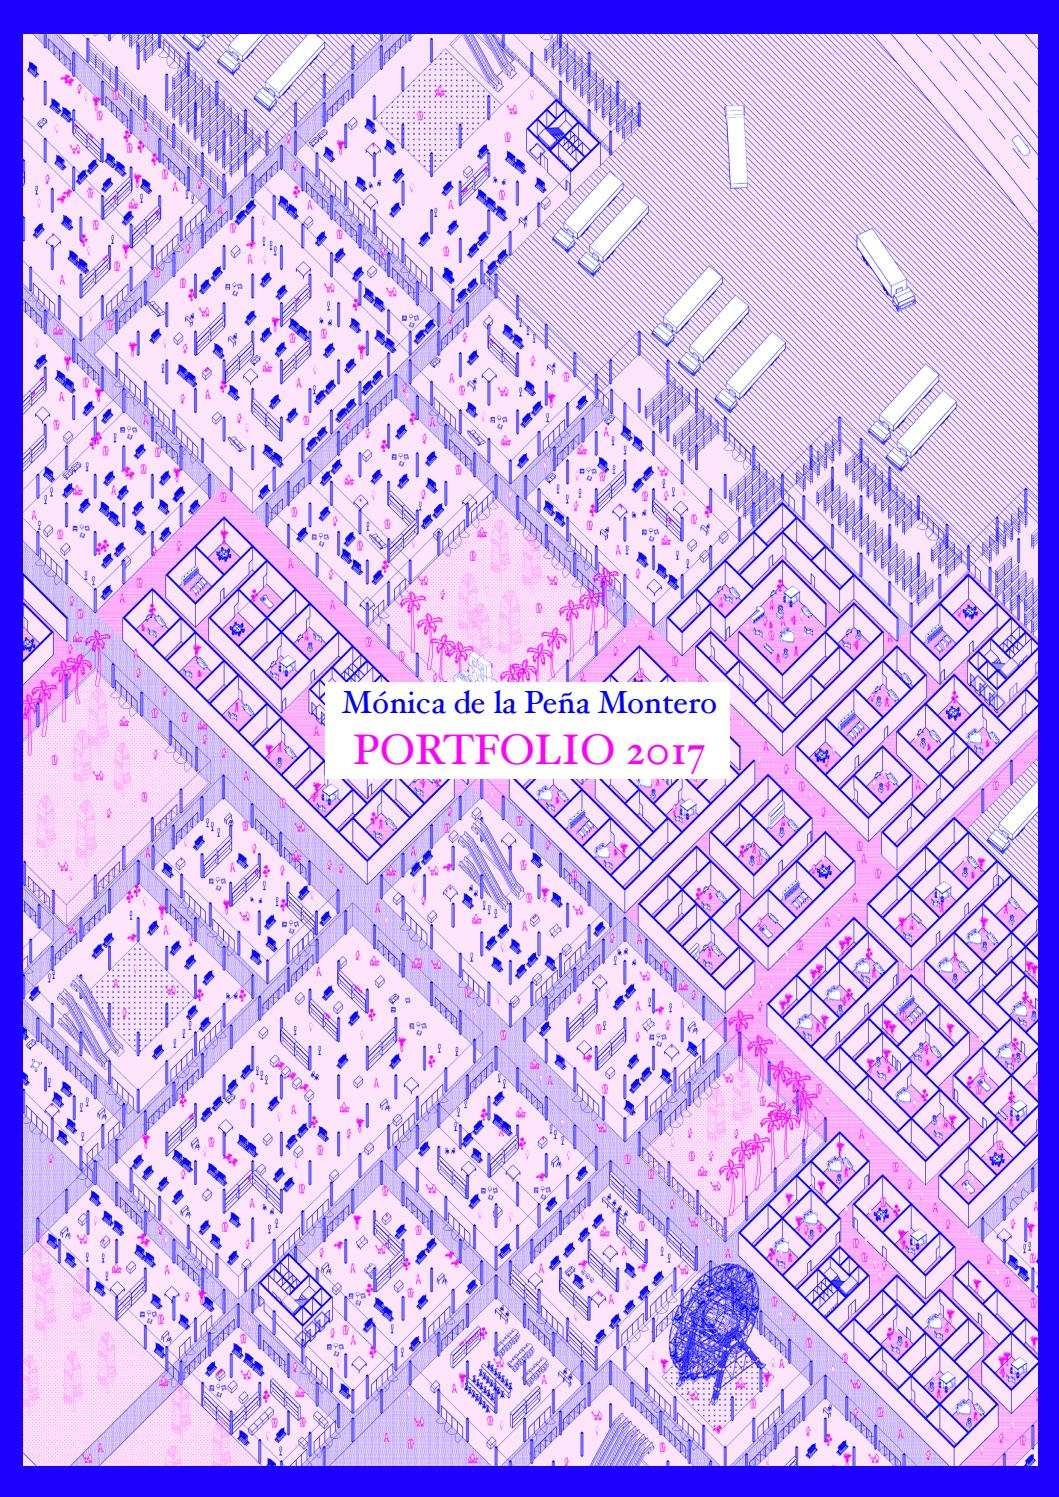 monica de la pe u00f1a portfolio fran u00e7ais by m u00f3nica de la pe u00f1a